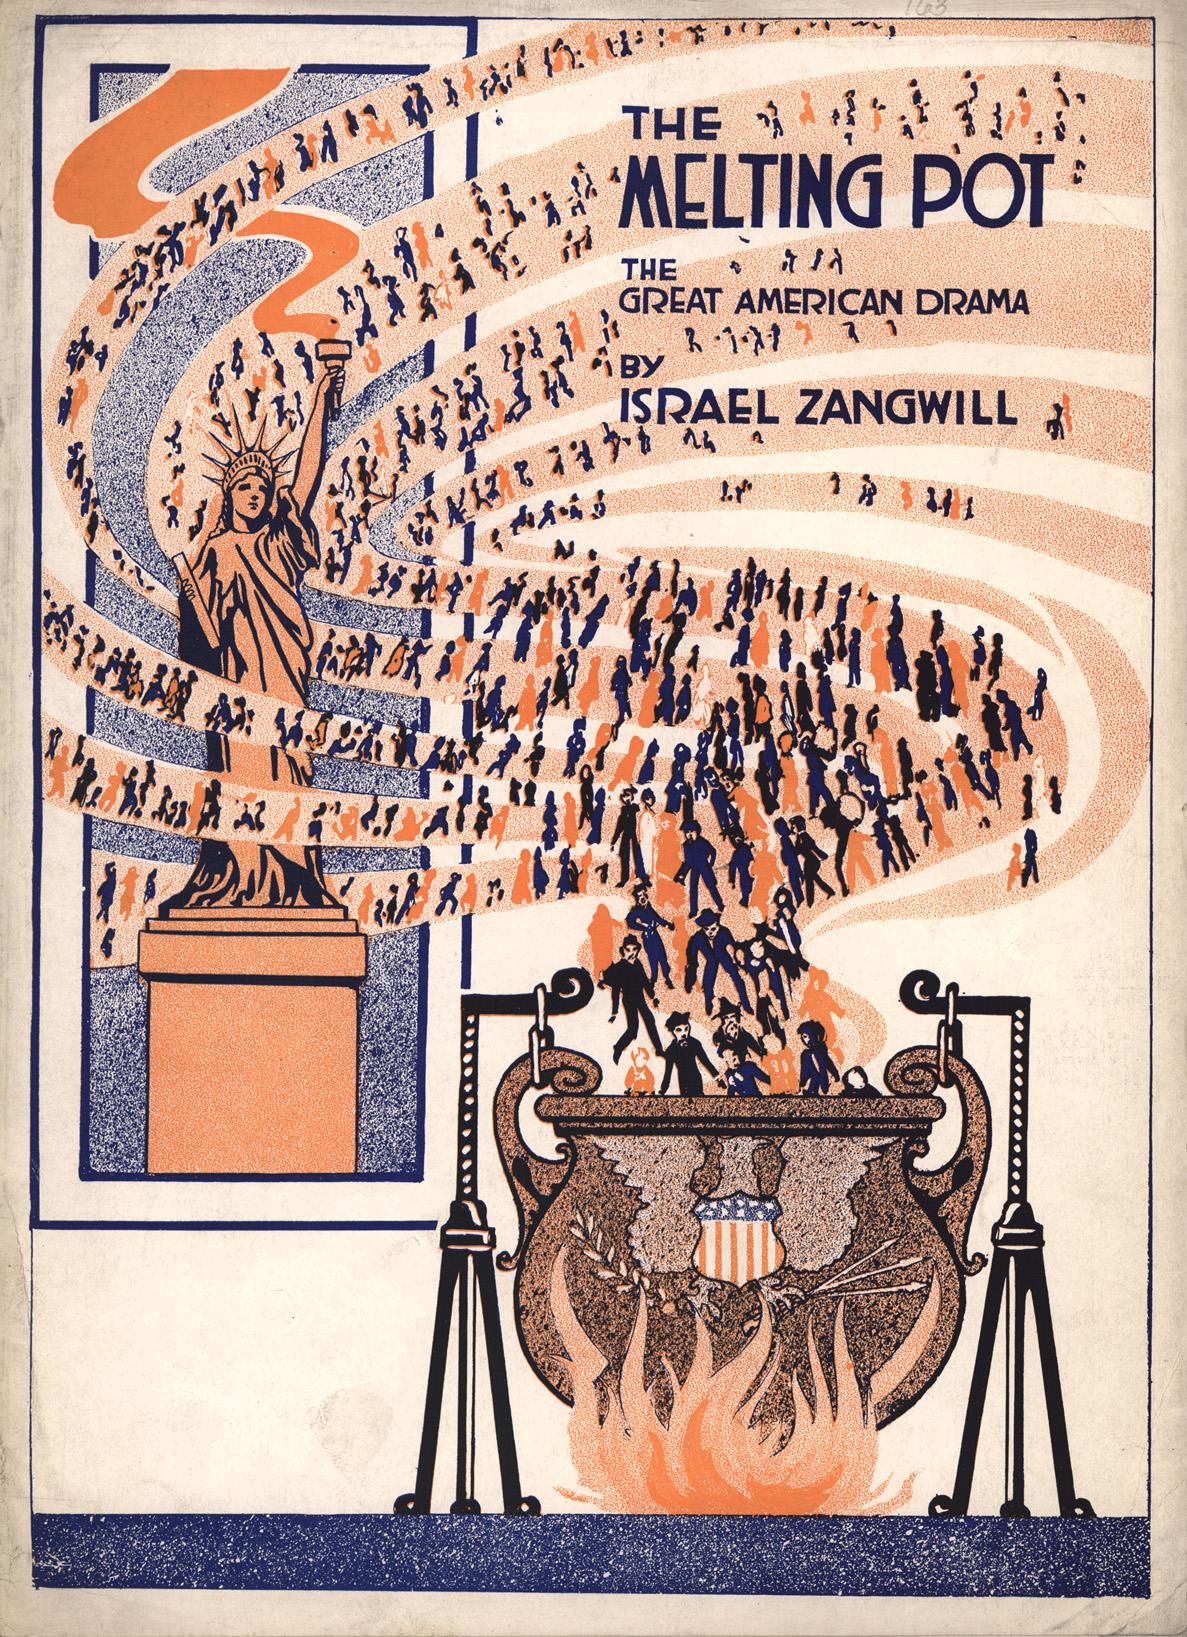 The Melting pot (Zanvill, 1908)